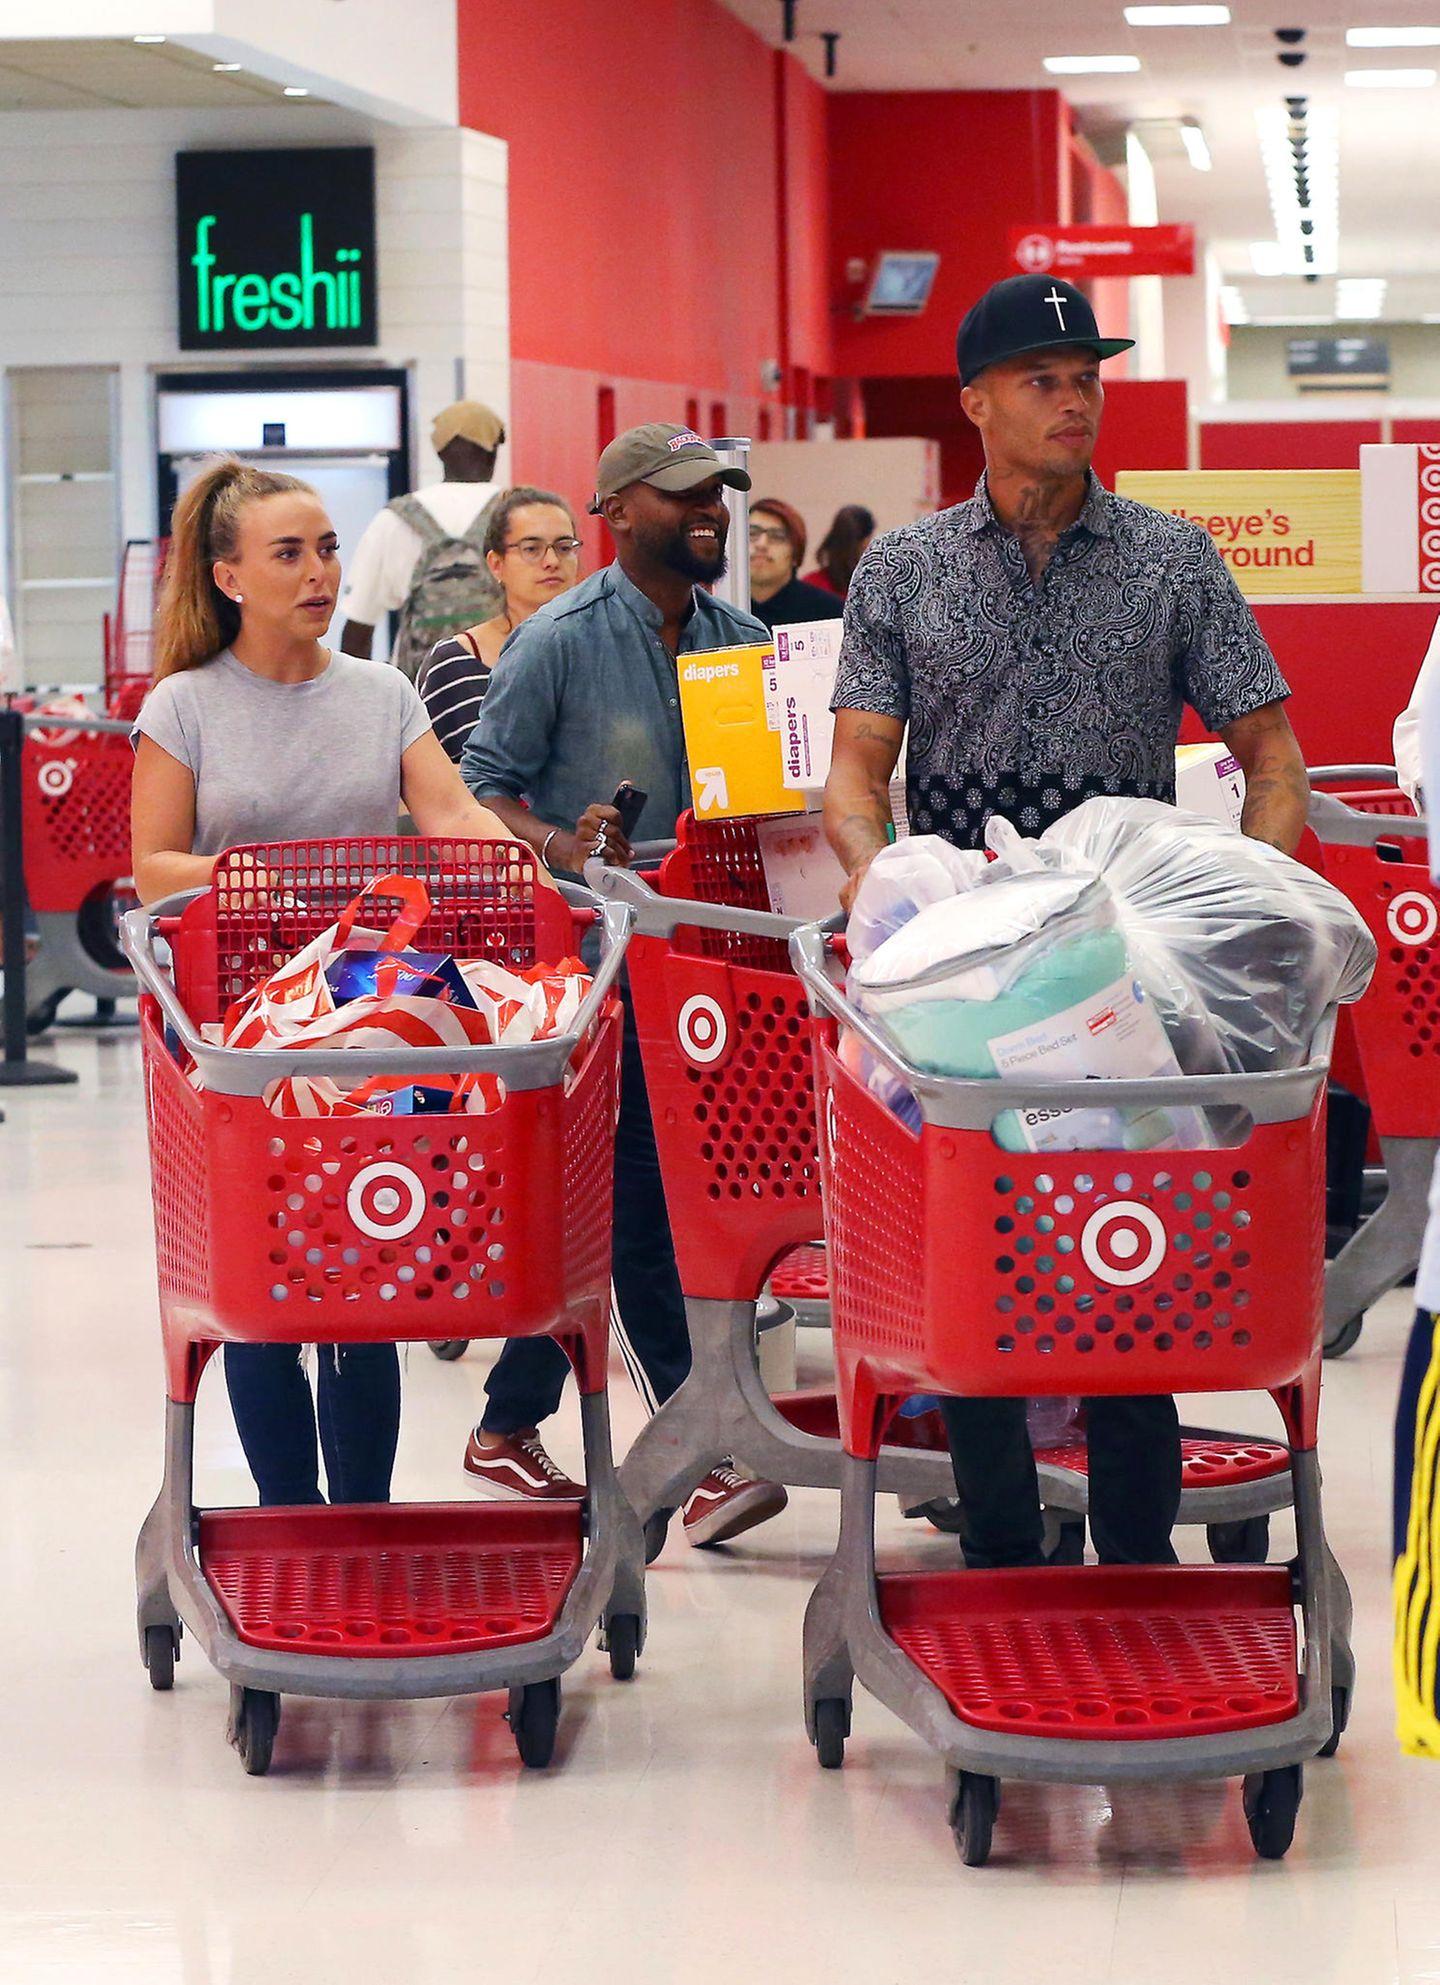 Chloe Green und Jeremy Meeks geraten bei Target in einen Kaufrausch und verlassen den Laden mit vollgepackten Einkaufswagen.